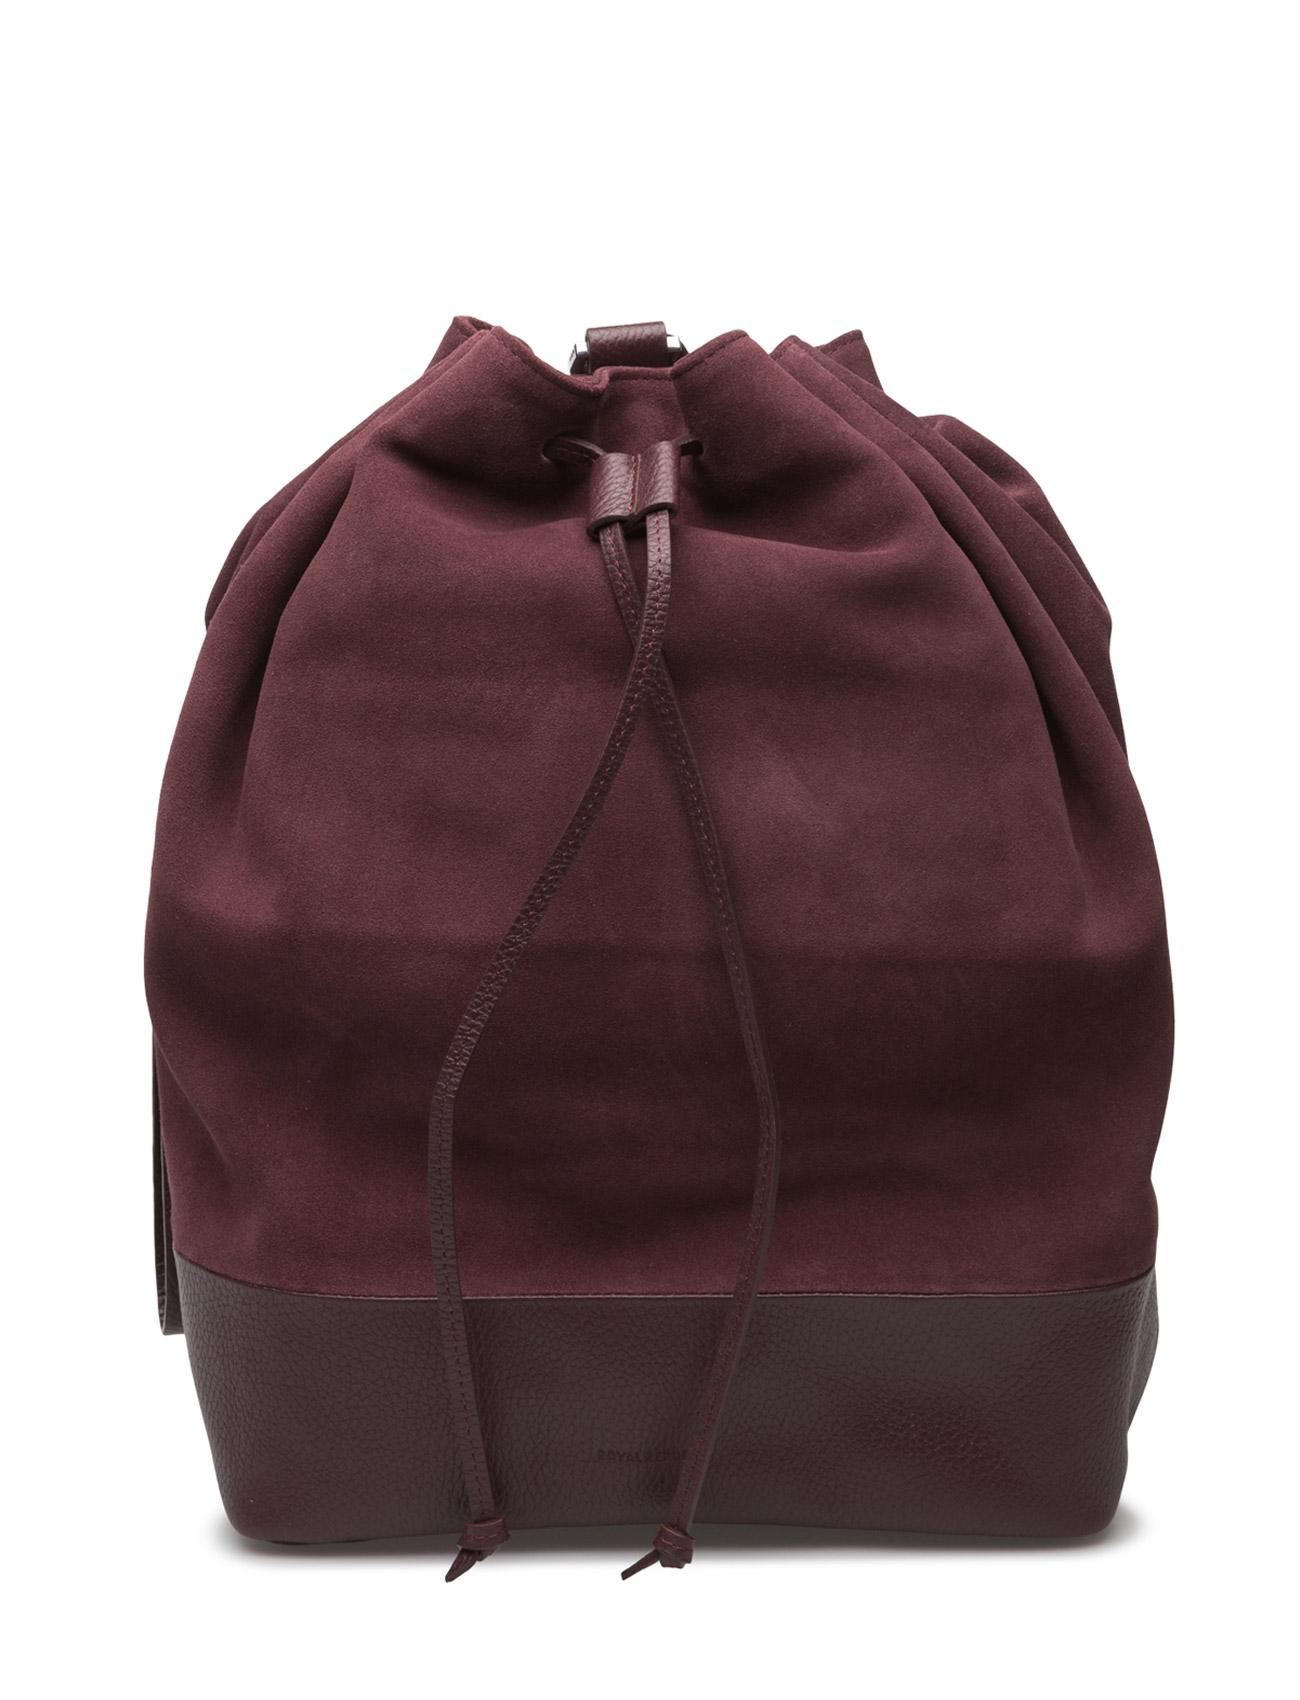 Bucket Backpack Suede Royal RepubliQ Rygsække til Damer i Bordeaux